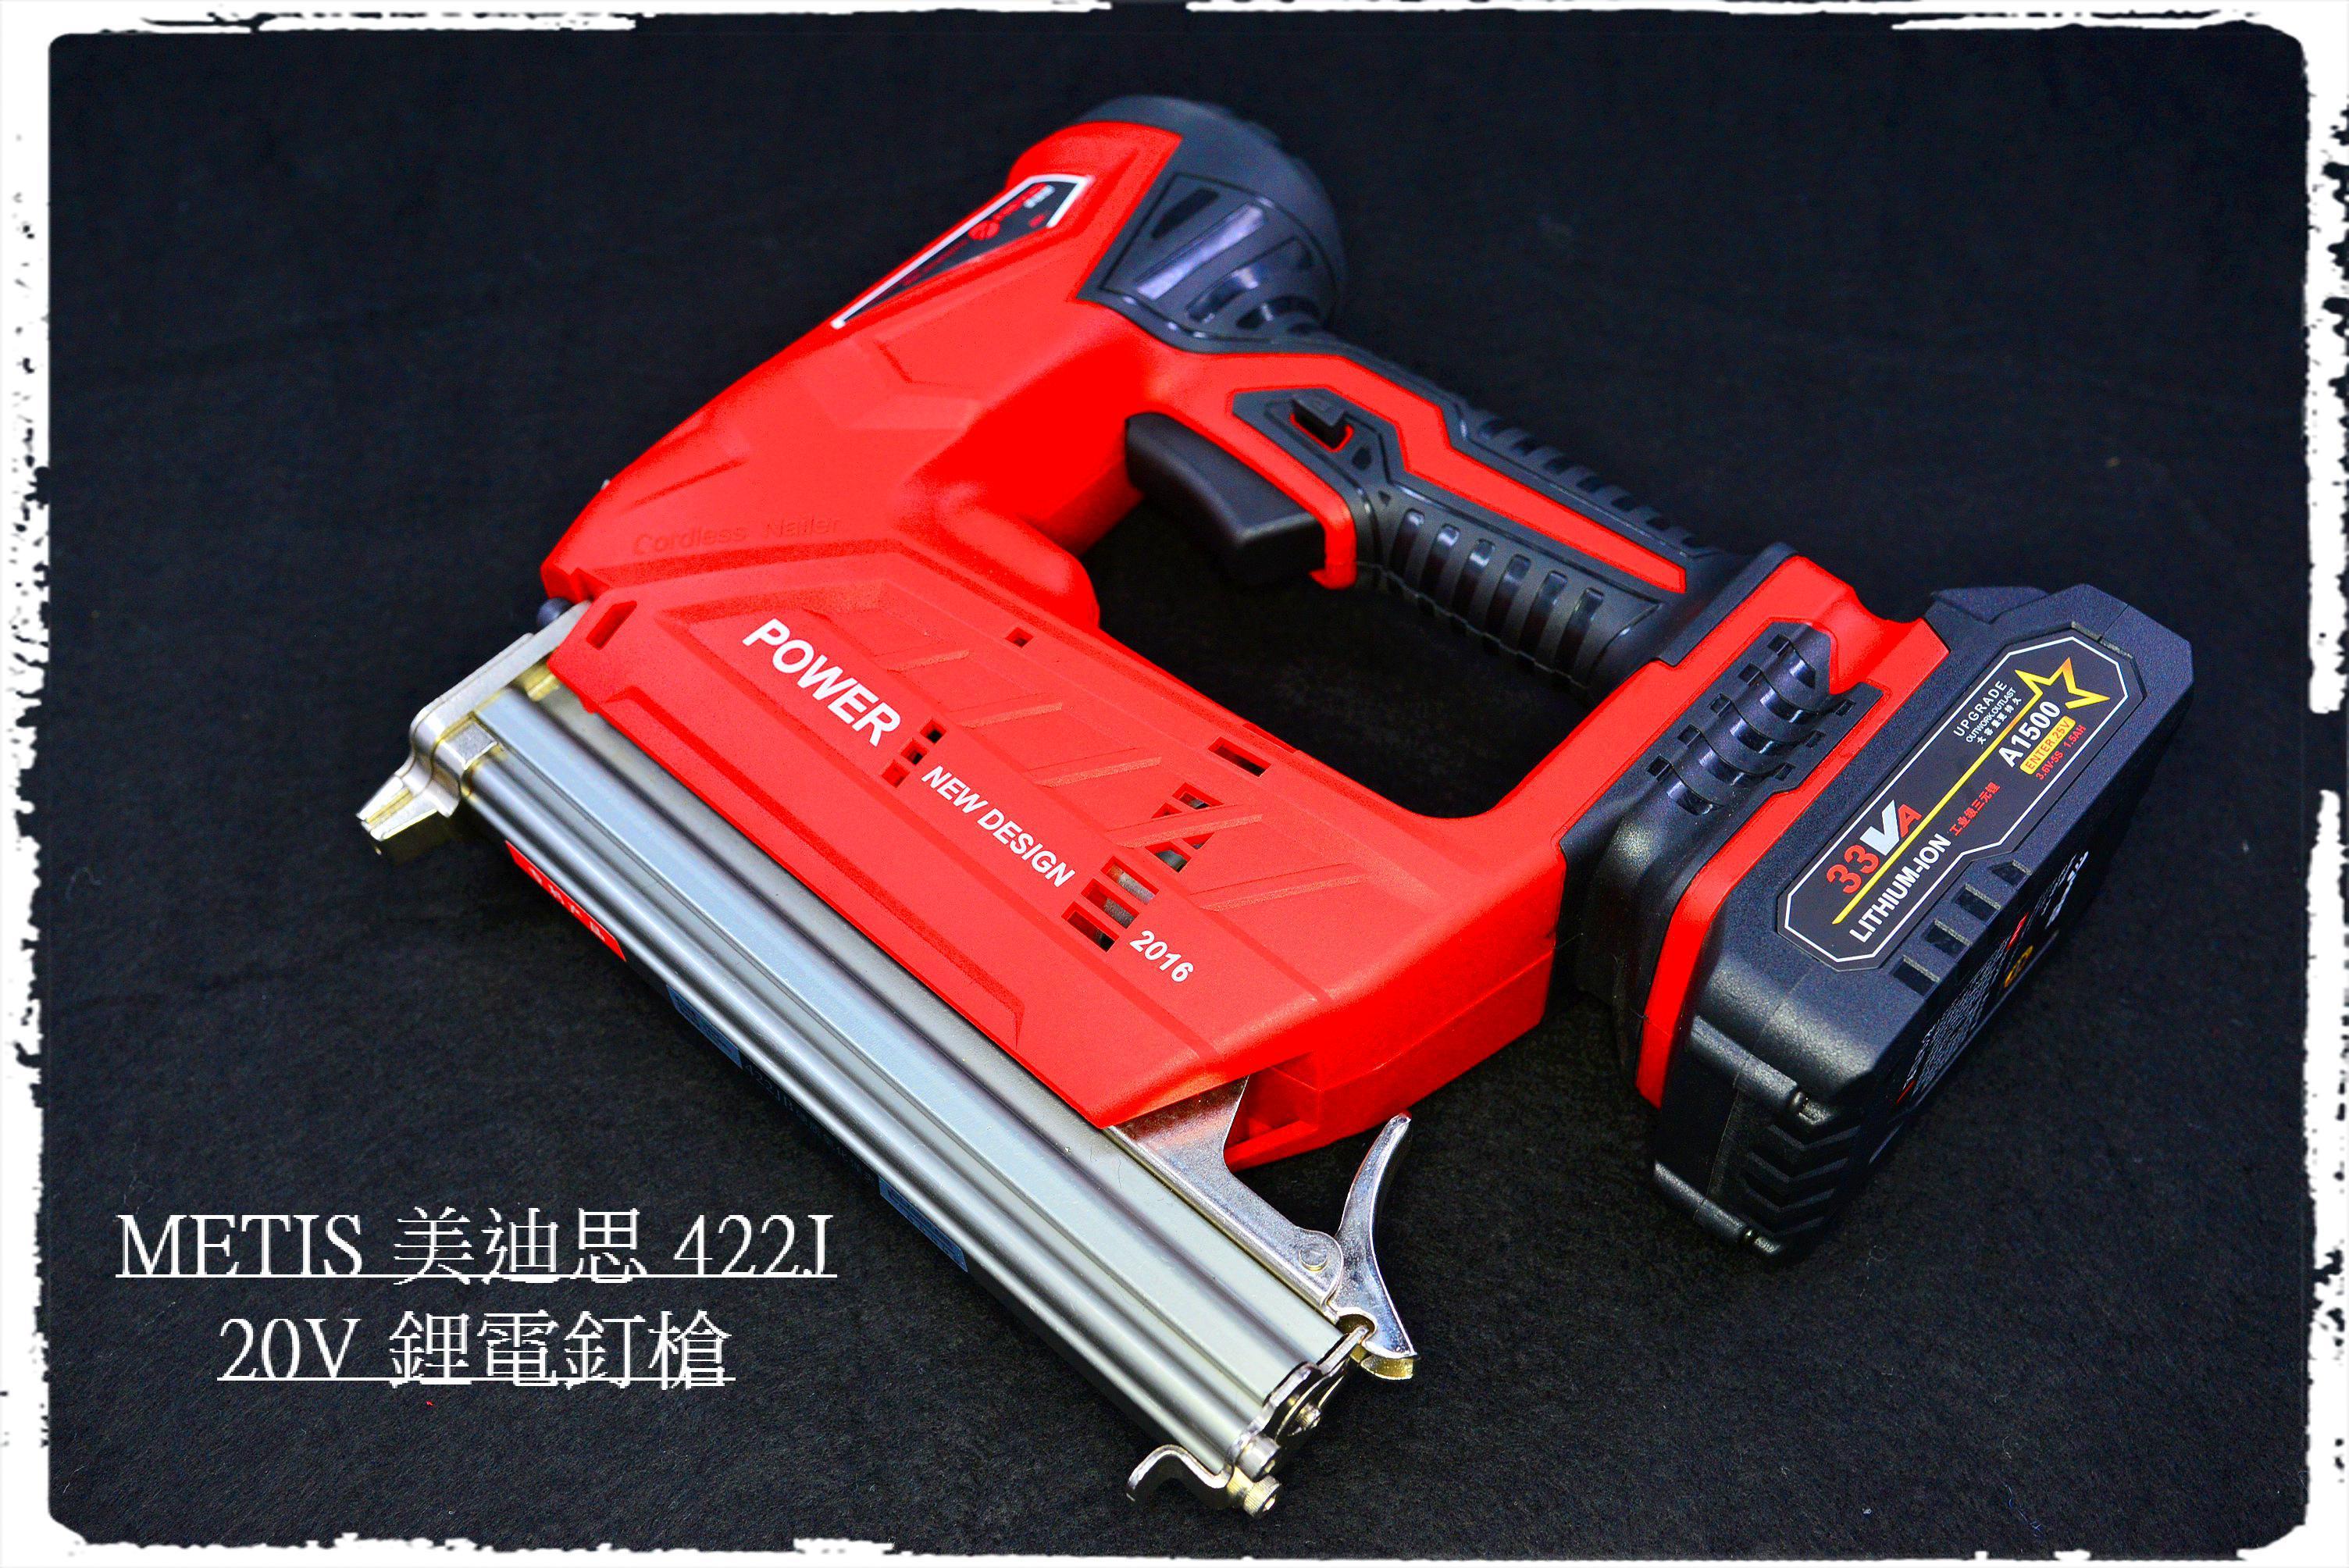 METIS美狄思 422J 20V鋰電釘槍 充電式直釘槍 電動ㄇ型碼釘槍 氣動拉釘槍 手動打釘槍 木工裝潢 白鐵鋼釘沙發